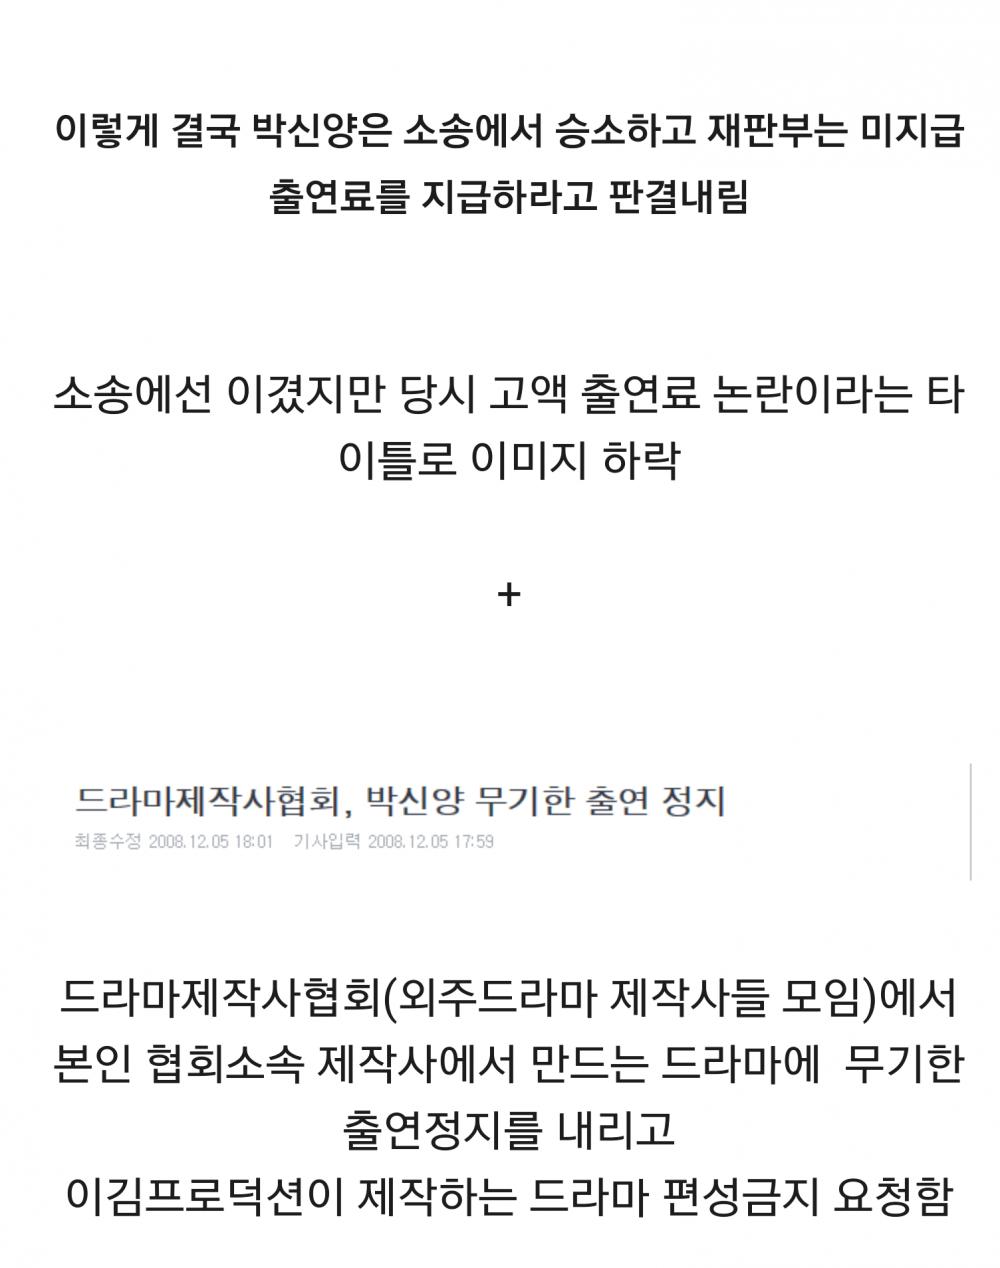 박신양5.png 박신양이 출연정지 당했던 사건.jpg